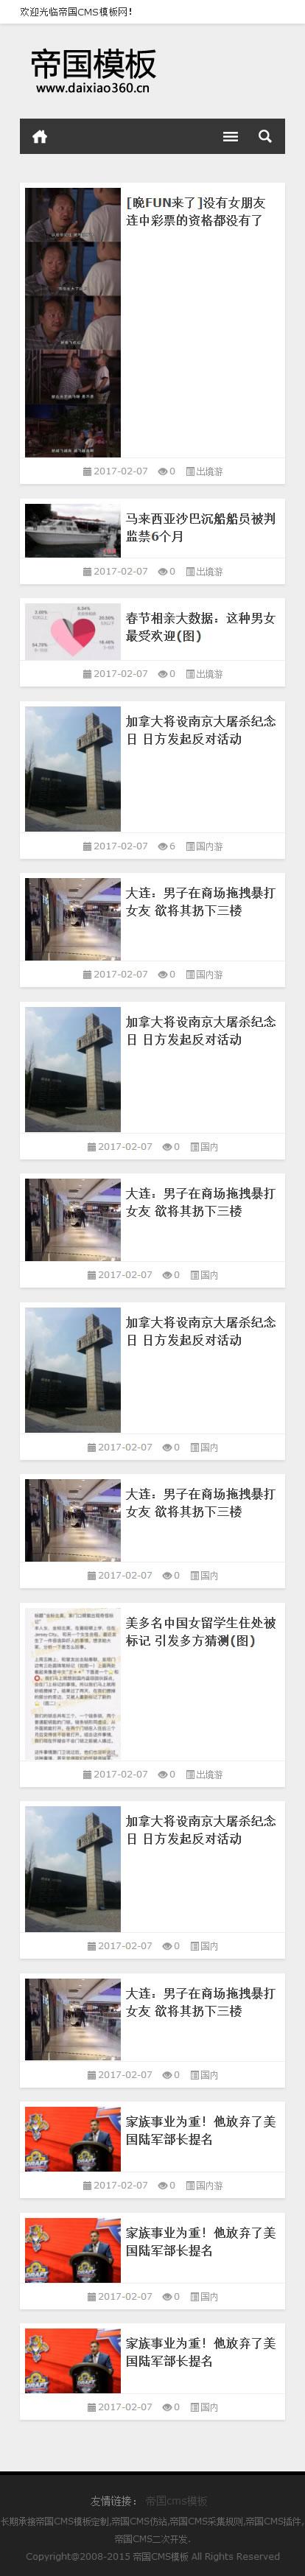 黑白色自适应手机版帝国CMS模板瀑布流图文资讯博客类网站模板_手机版首页模板